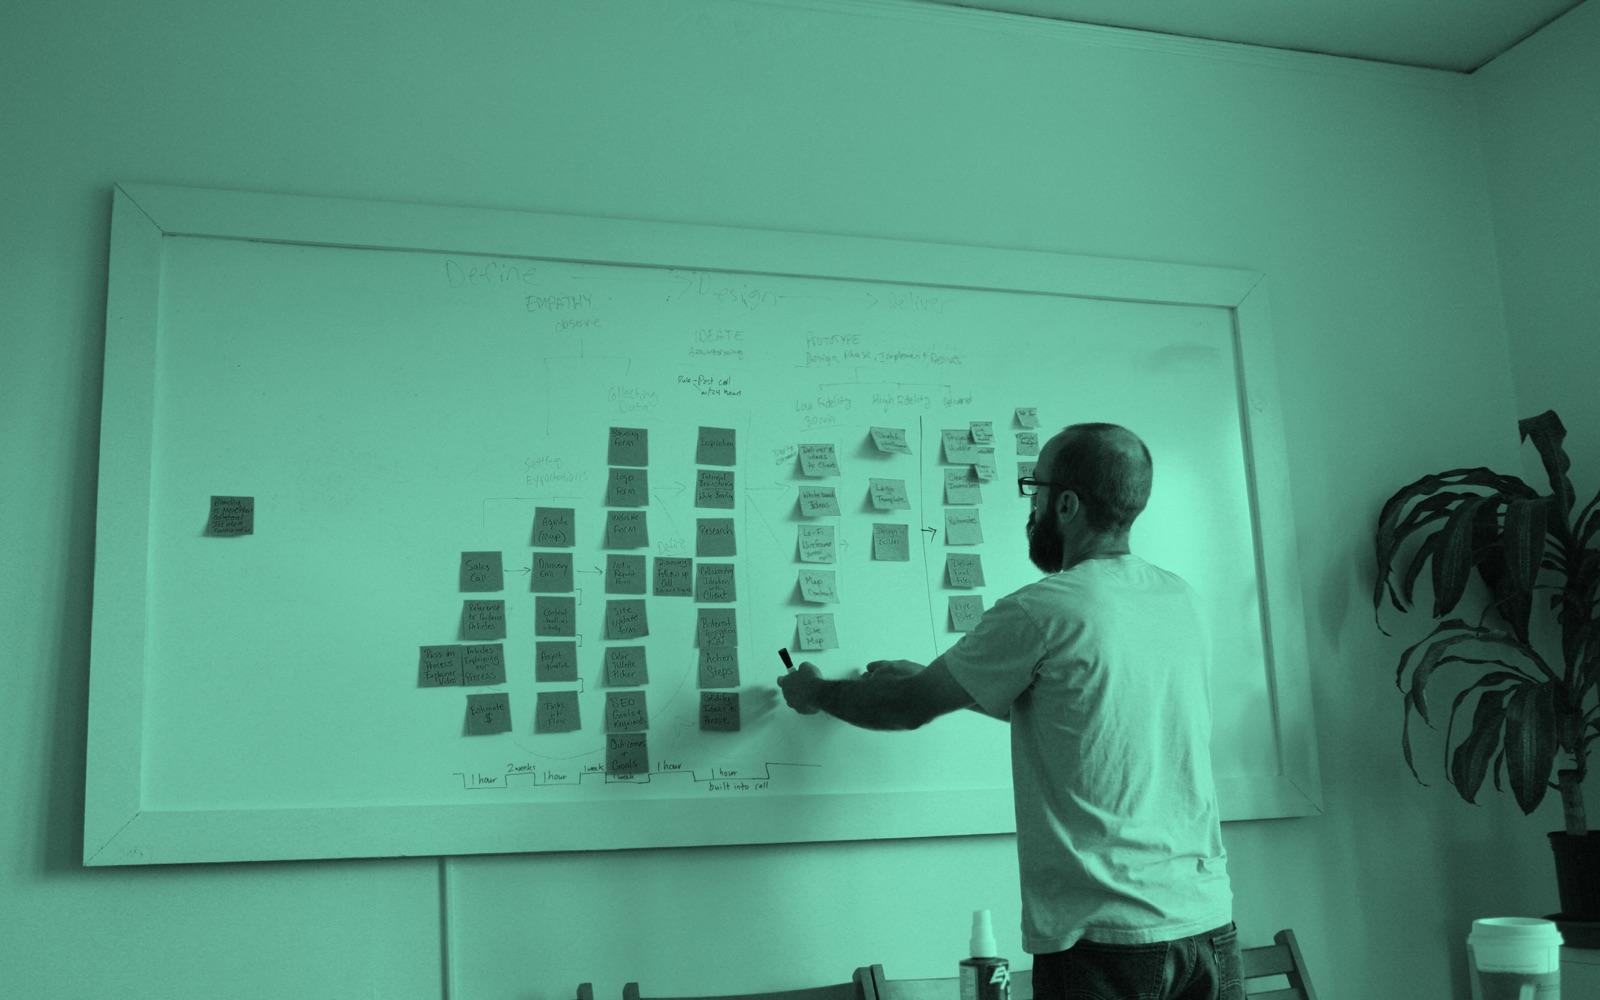 Mike whiteboard